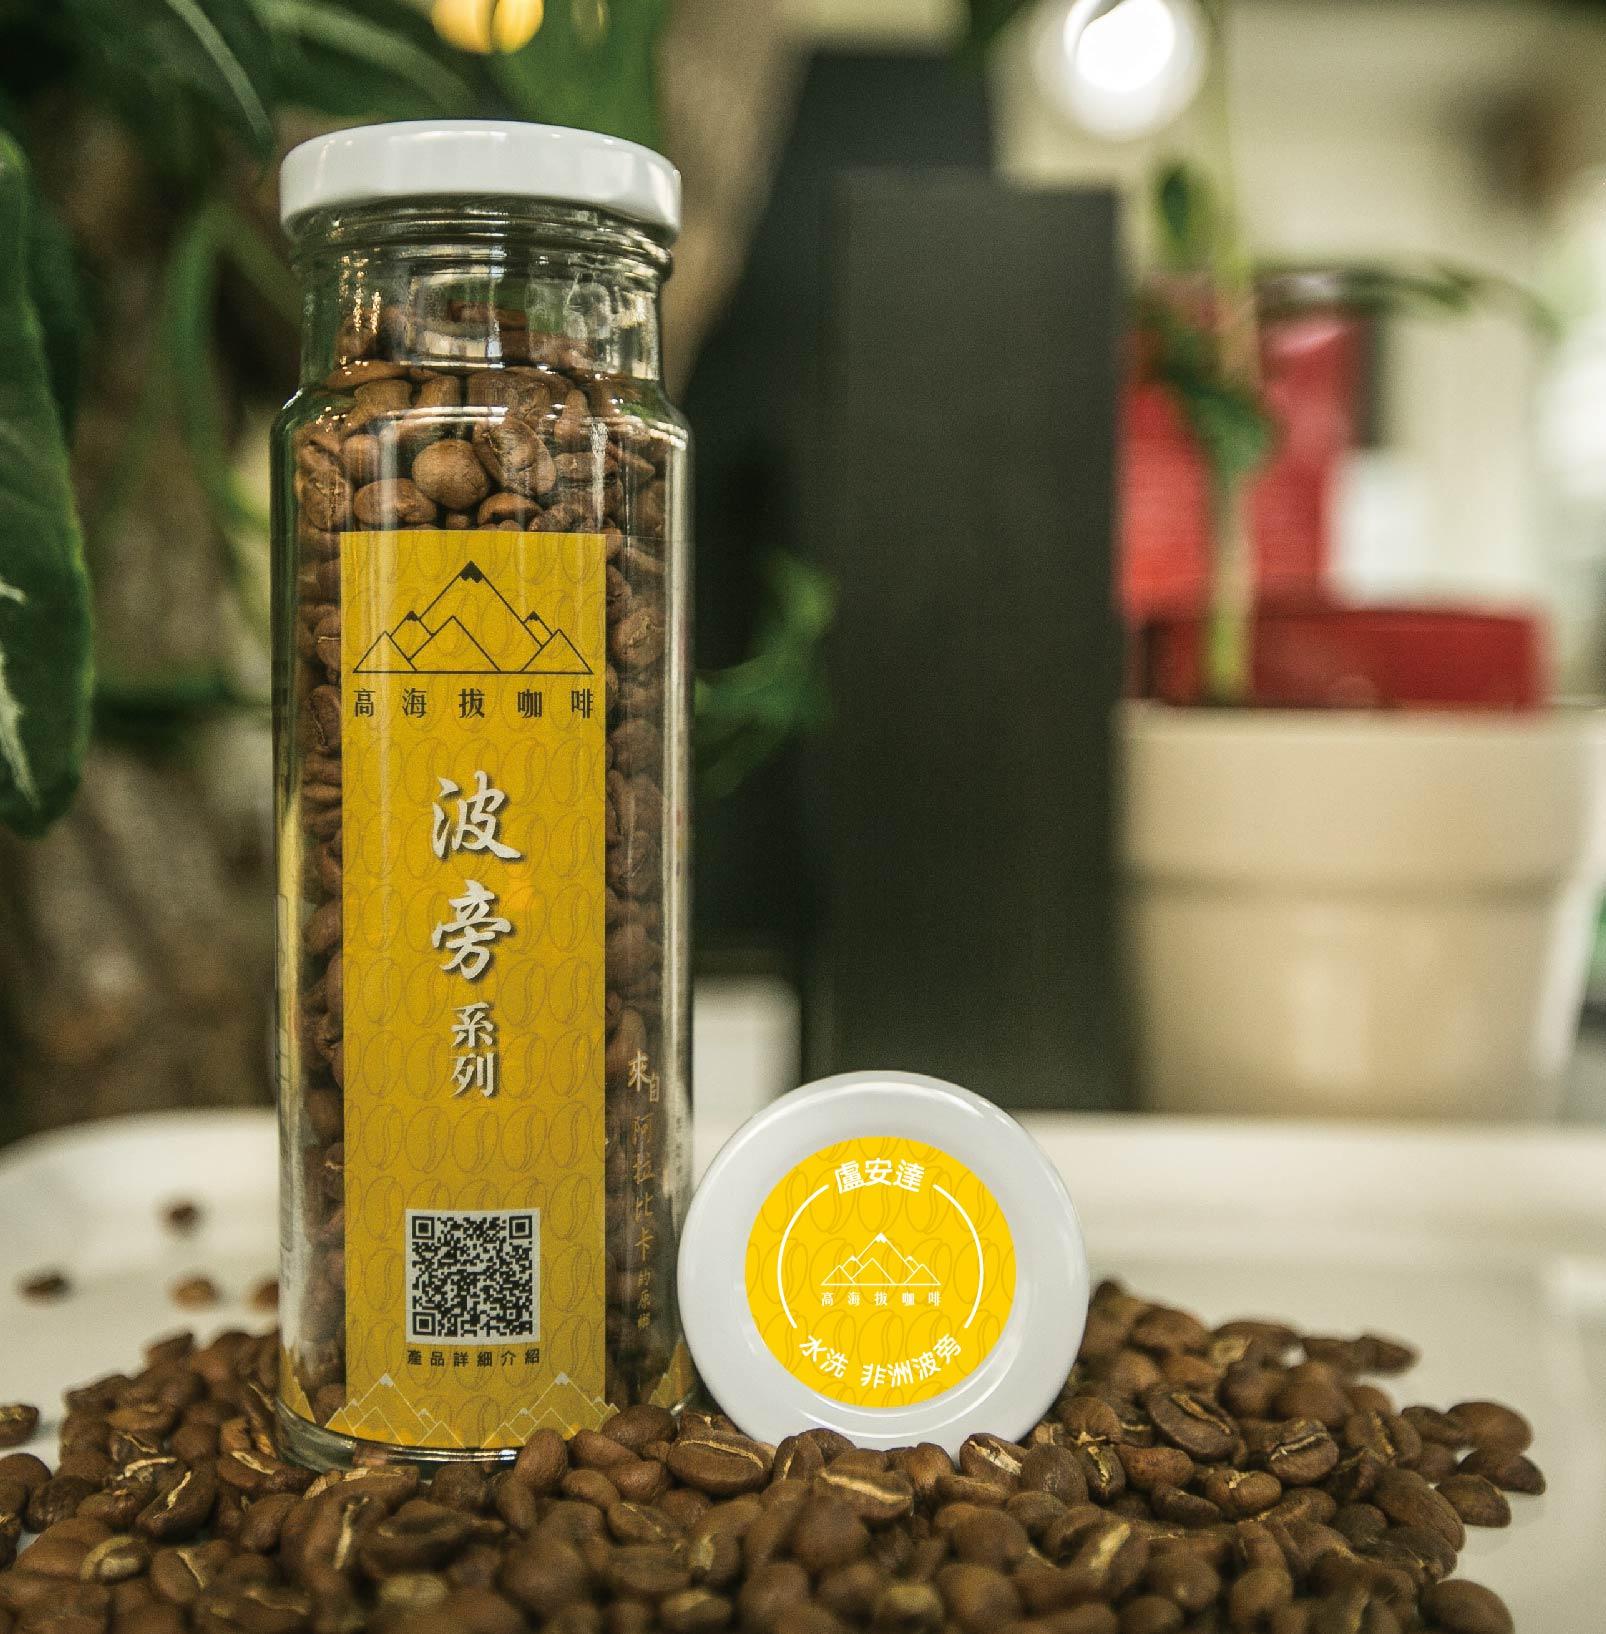 波旁系列/非洲波旁 (1/4磅咖啡豆/1/4磅咖啡粉/浸泡式-10入/掛耳式-10入)